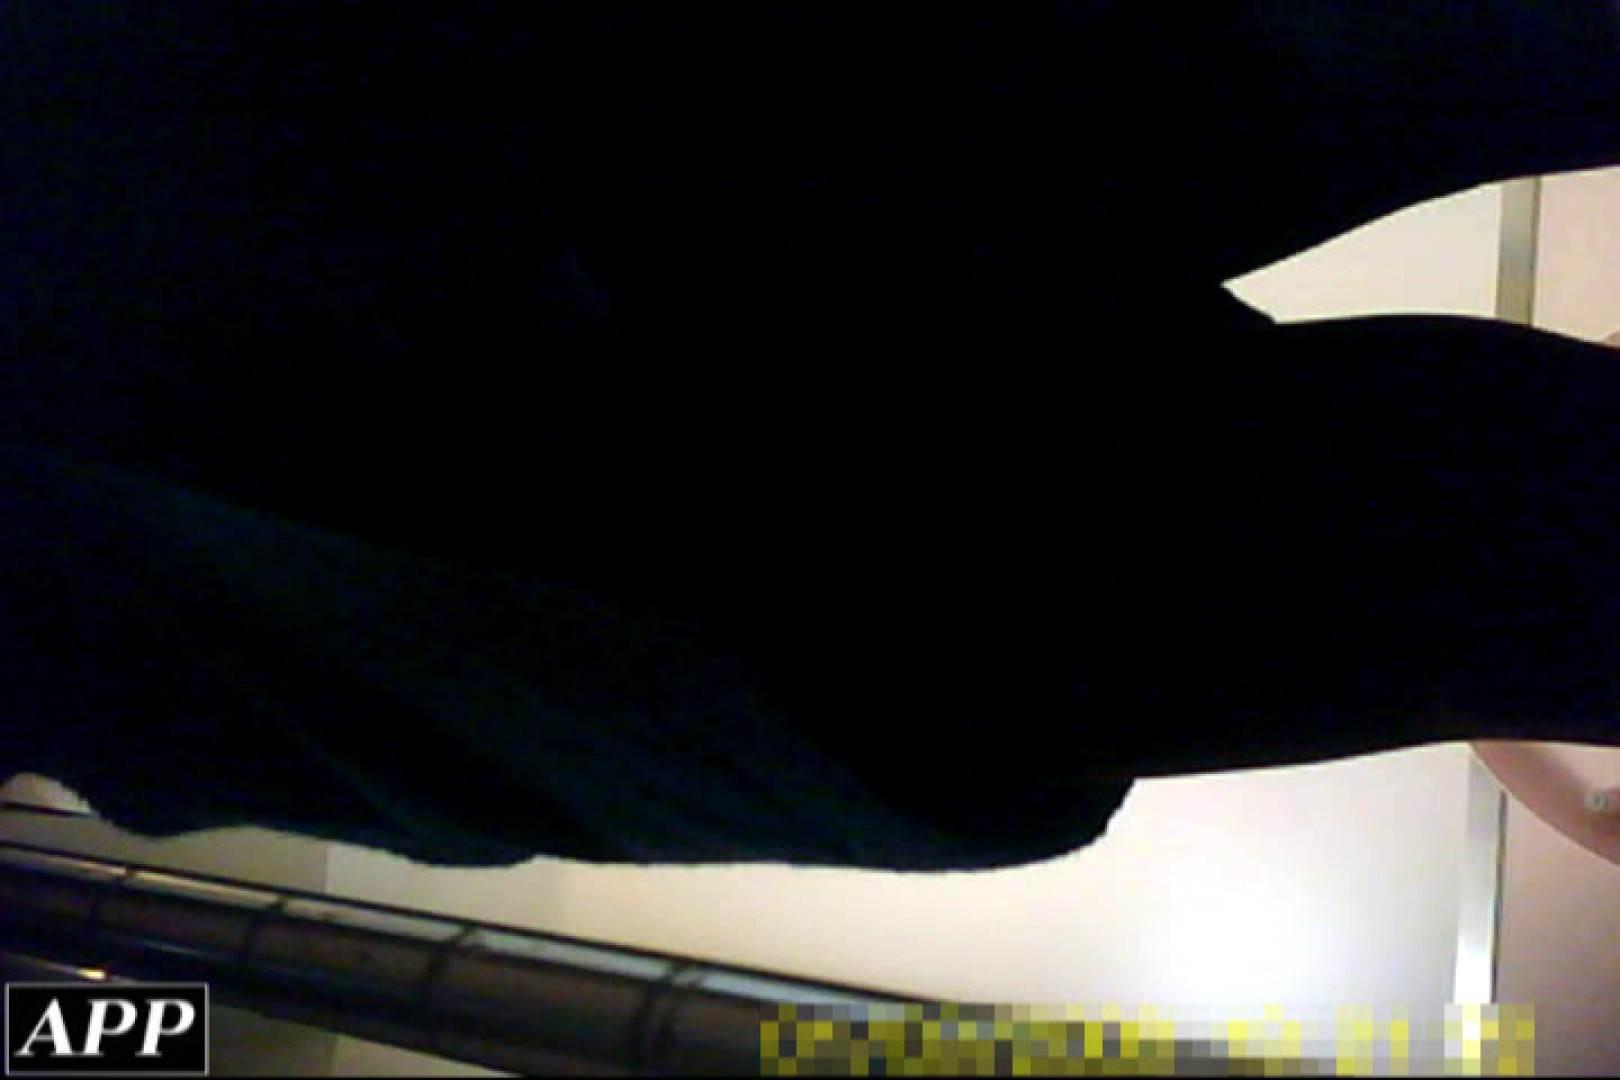 3視点洗面所 vol.061 OLヌード天国 | 洗面所  78PIX 63